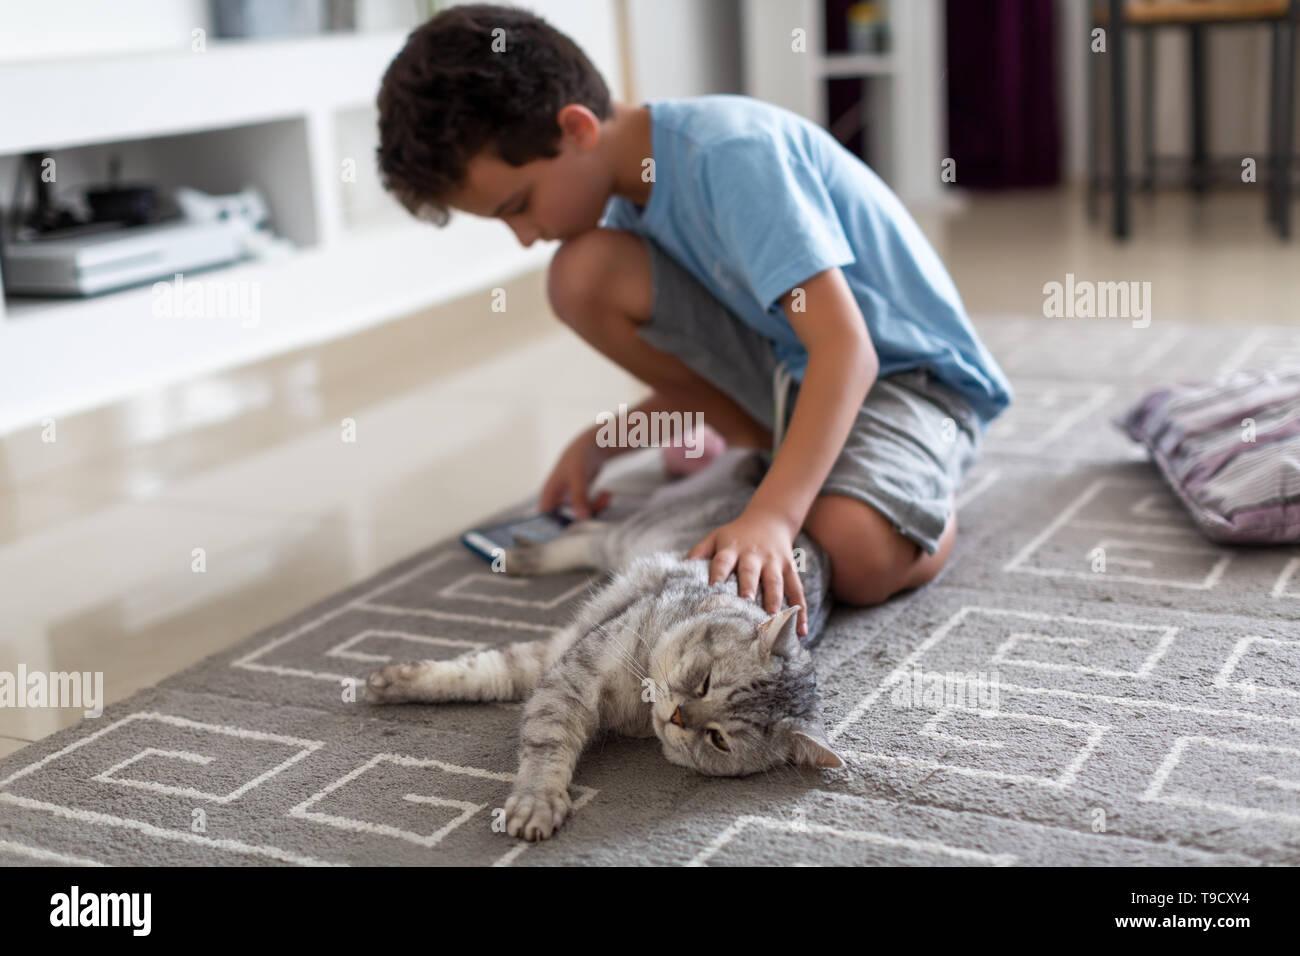 Junge Anschläge eine niedliche Britische Katze, sitzen auf dem Boden und spielen das Telefon Stockfoto